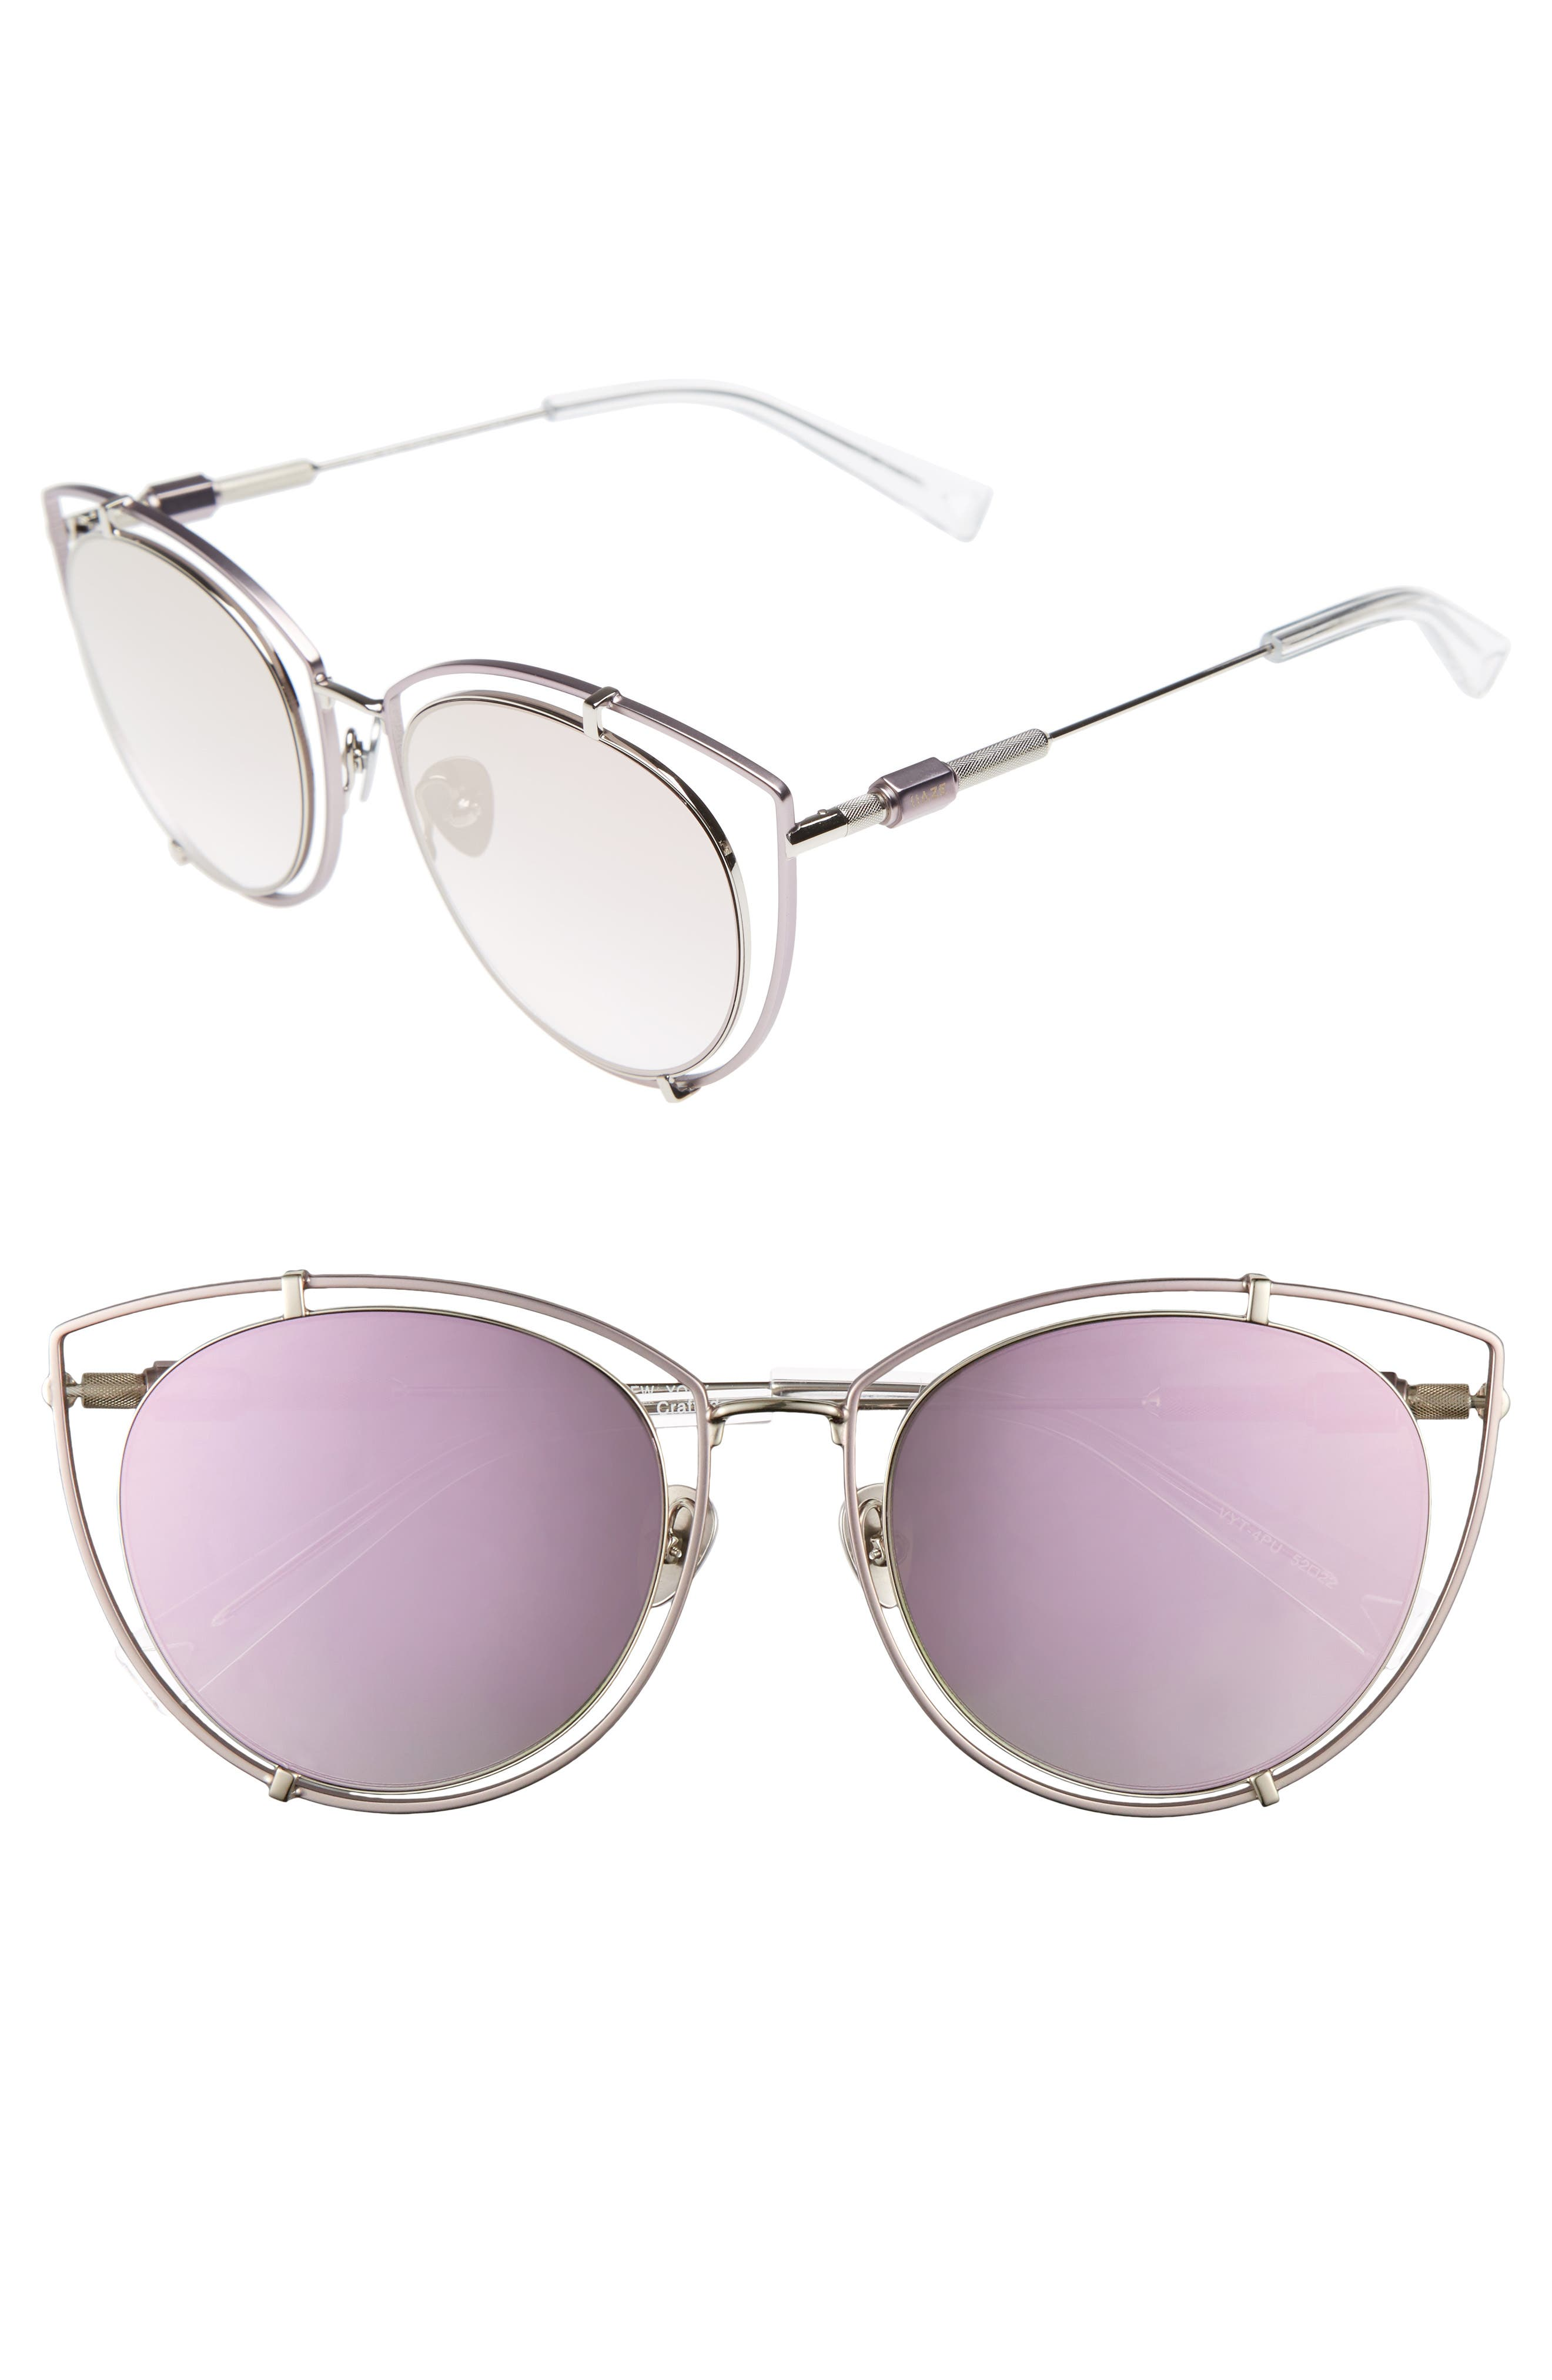 HAZE Vyt 53mm Cat Eye Sunglasses